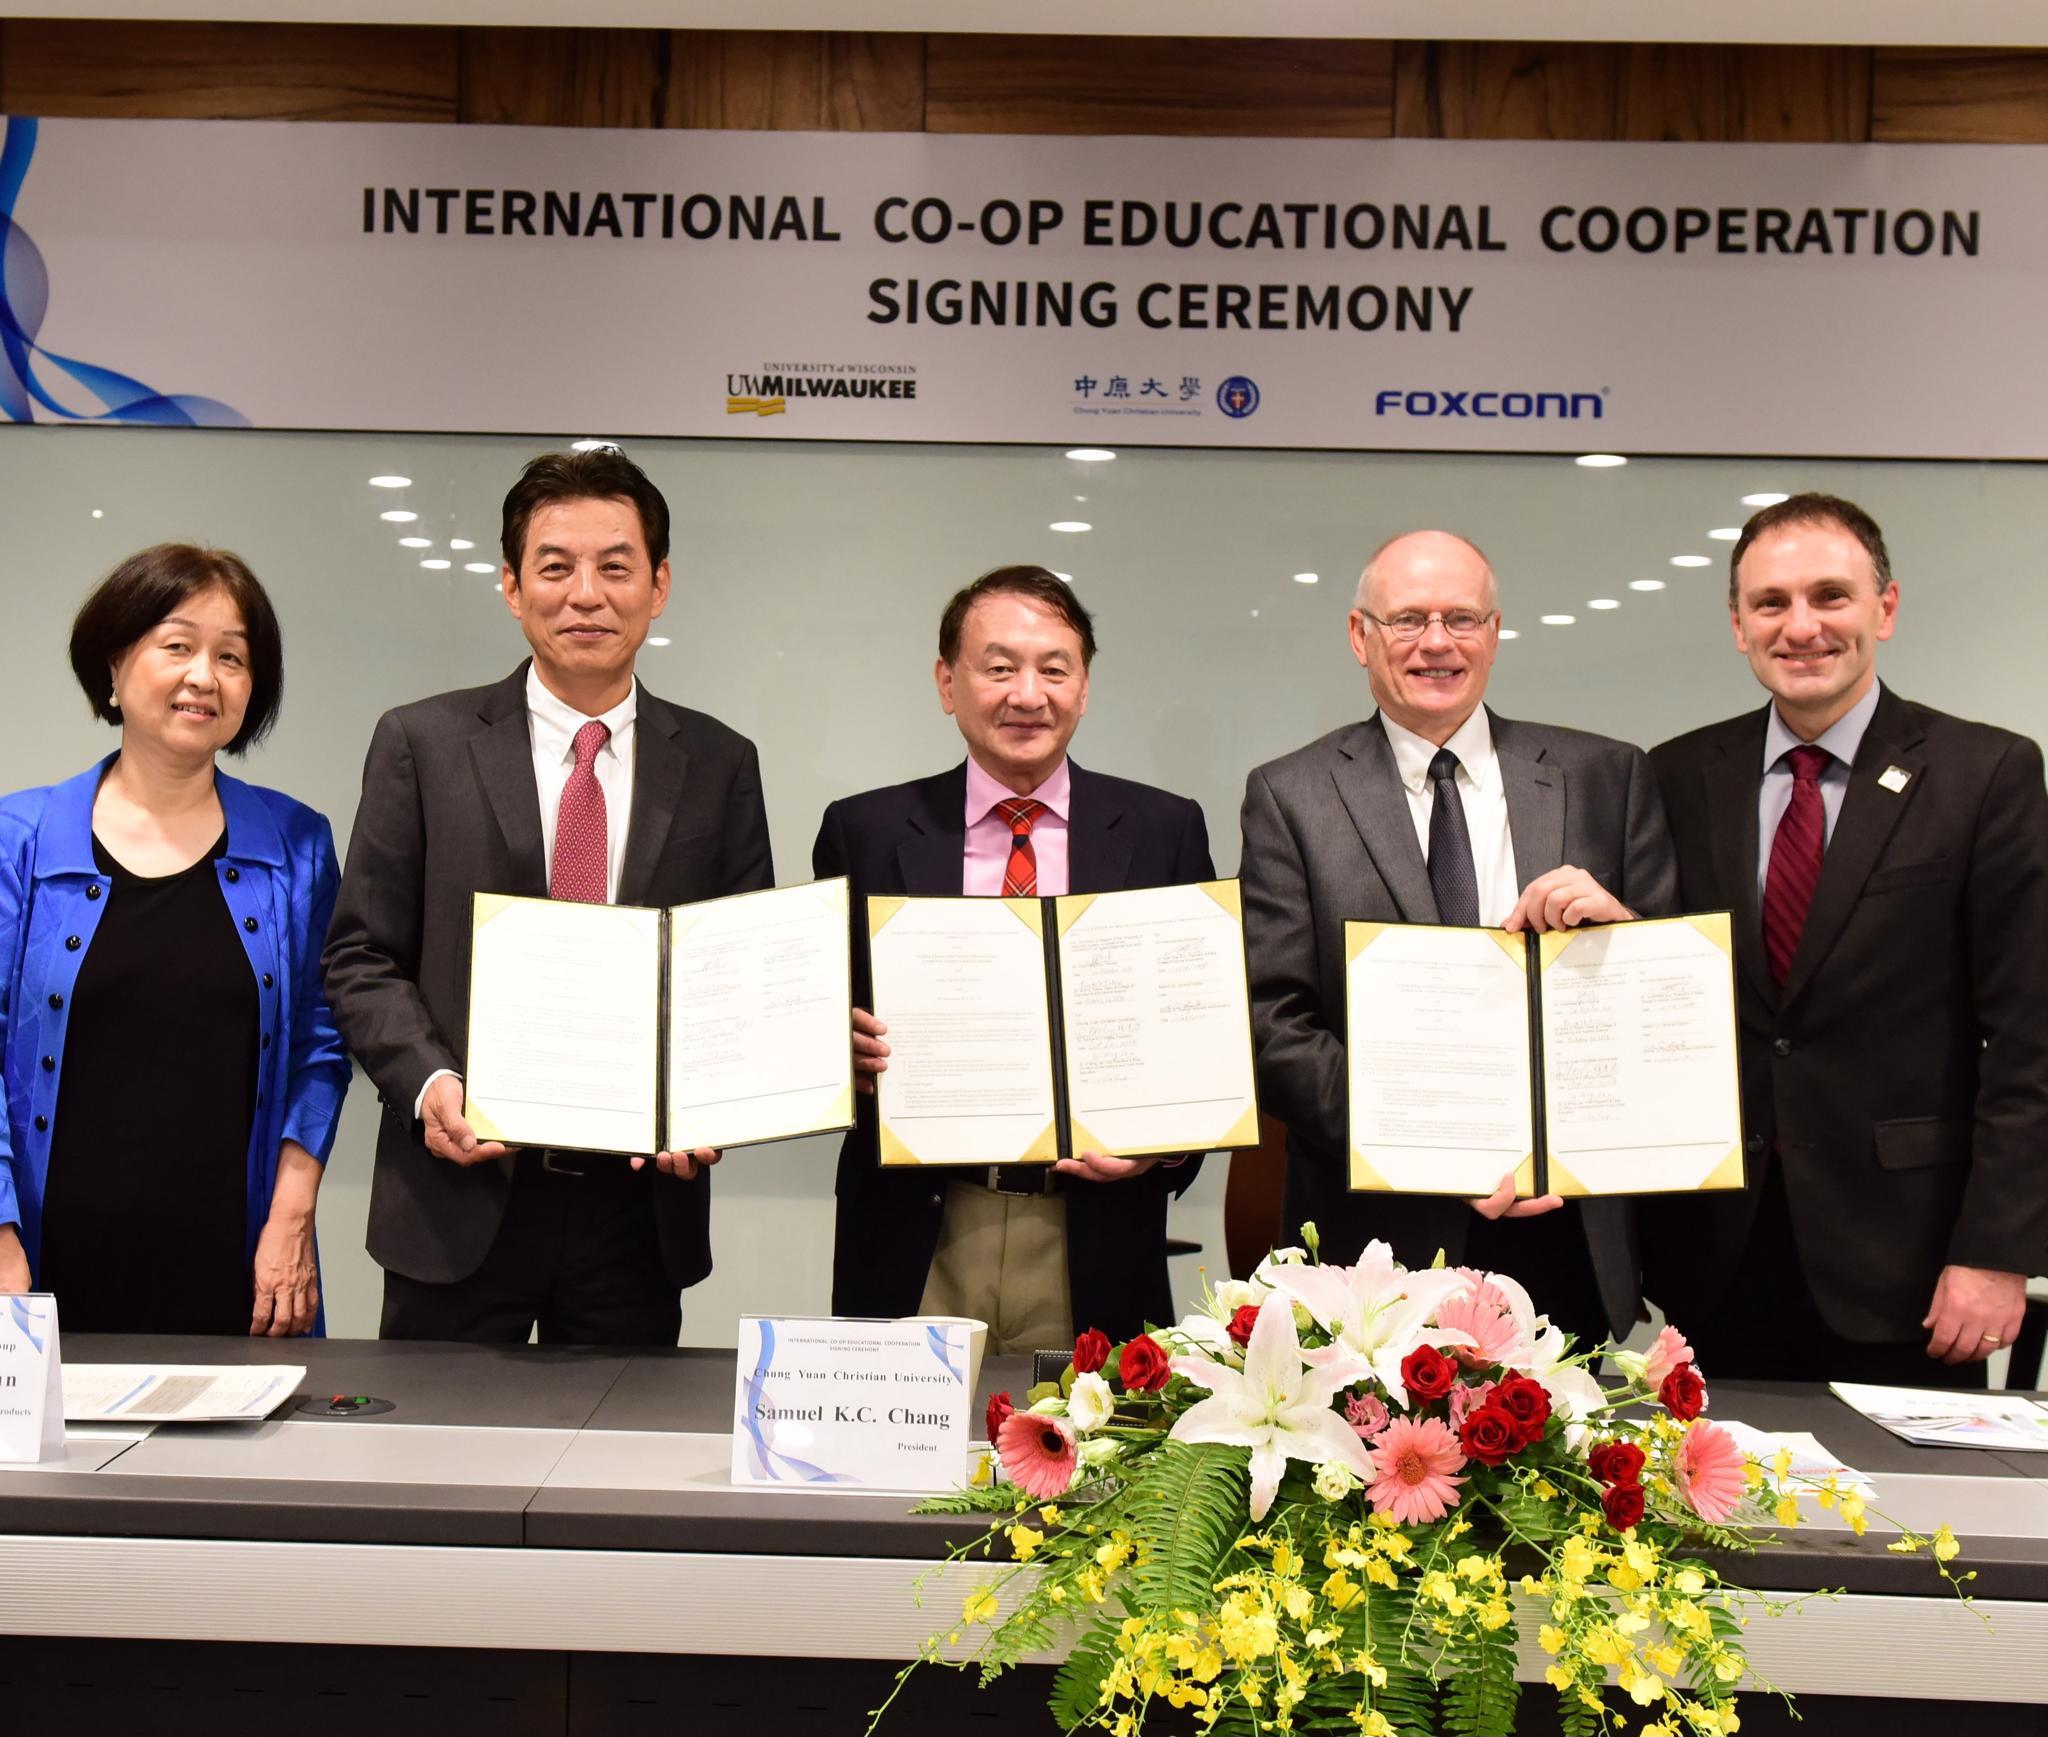 鴻海、中原大學、美國UWM大學攜手打造國際人才 邁入實質階段